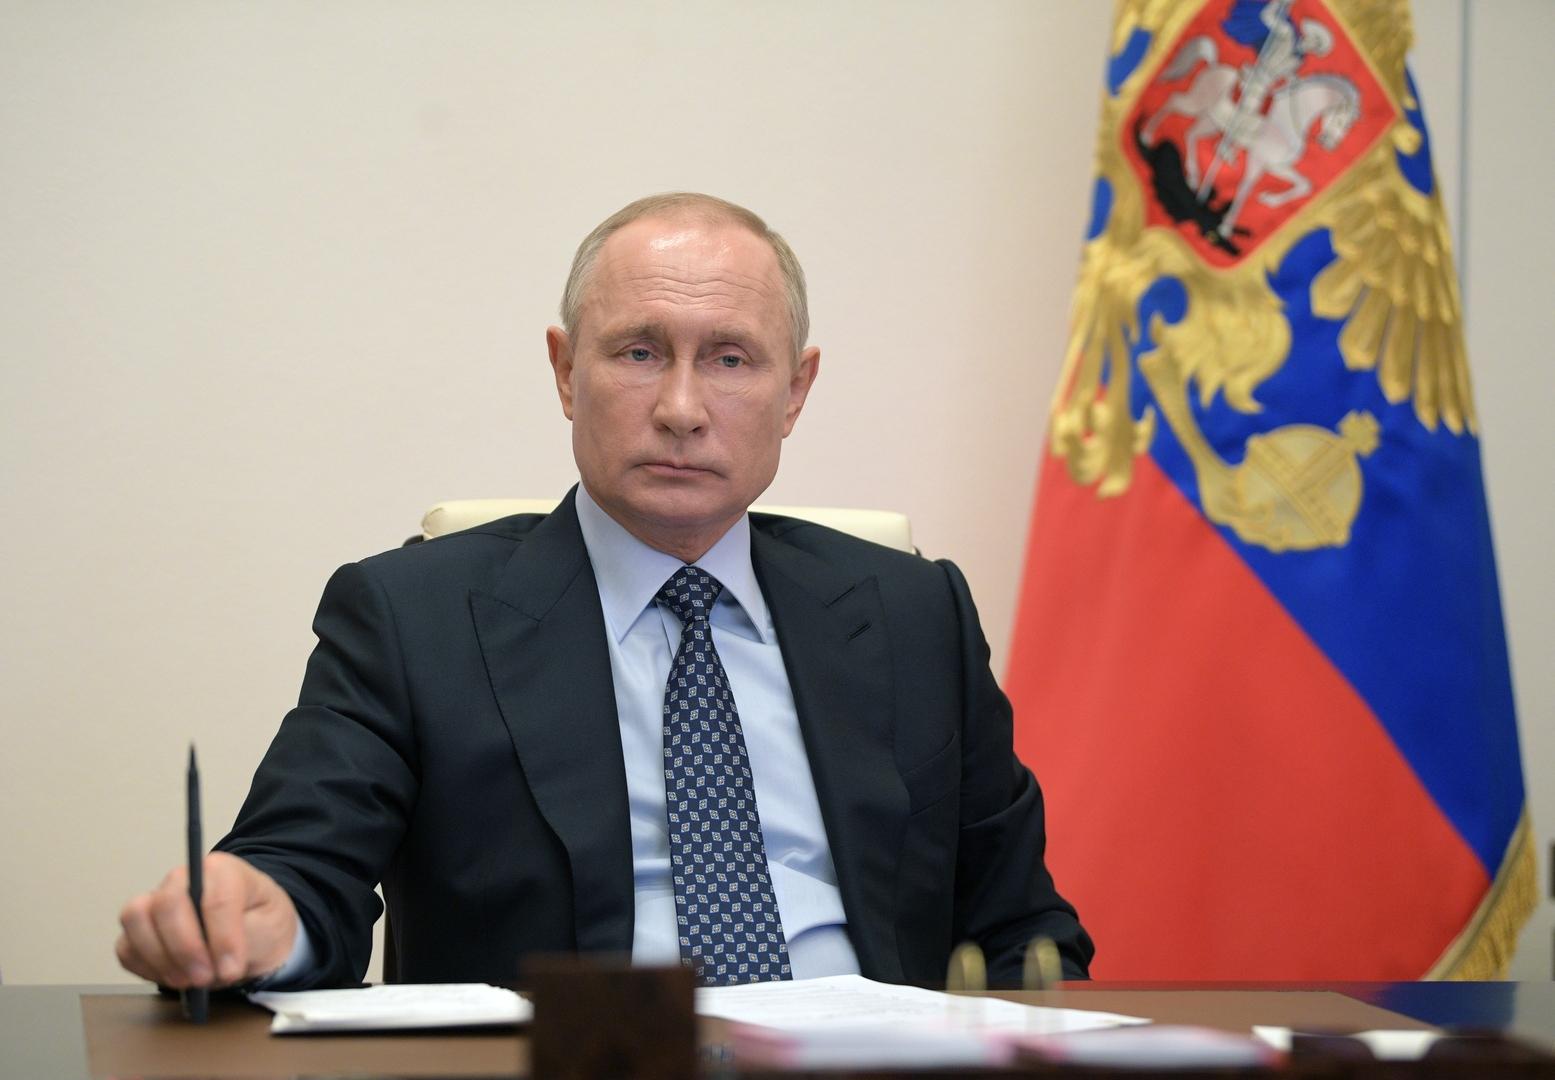 بوتين يكلف الحكومة الروسية بإعداد حزمة من التدابير الطارئة لدعم الاقتصاد